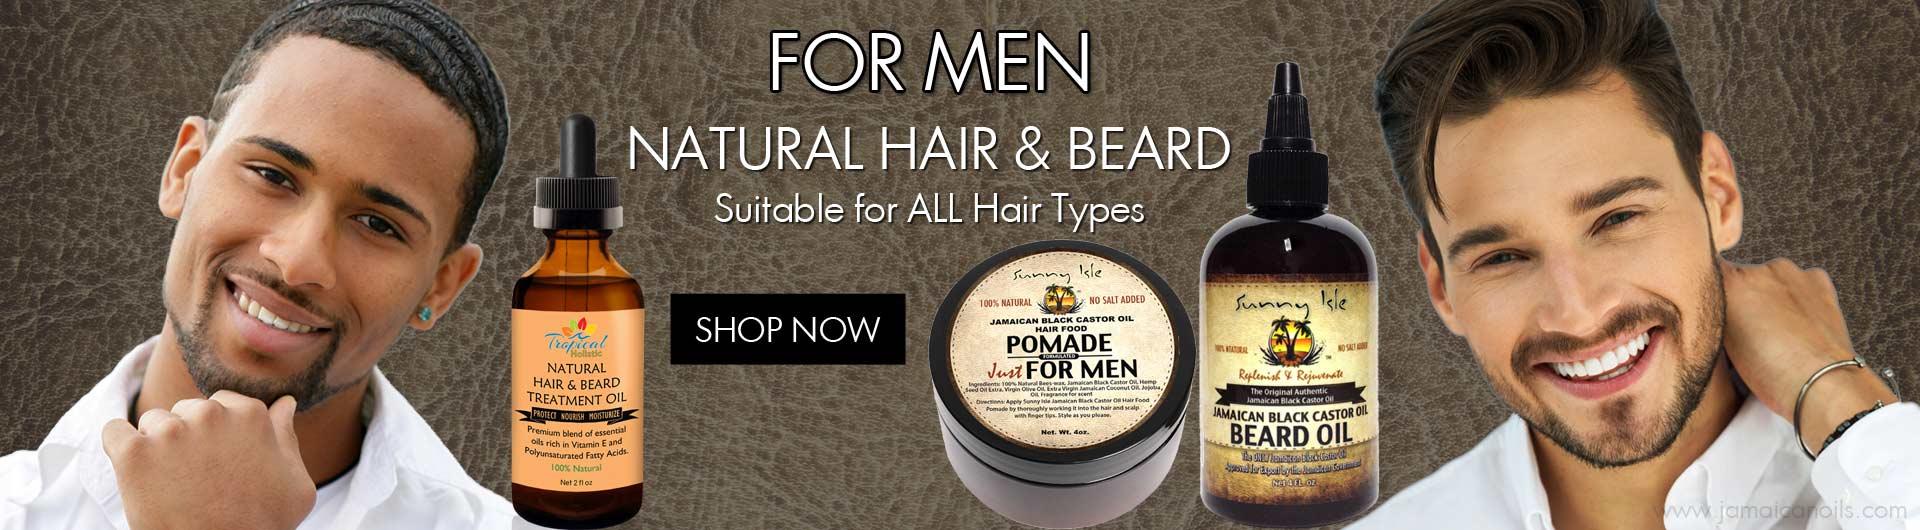 For Men at JamaicanOils